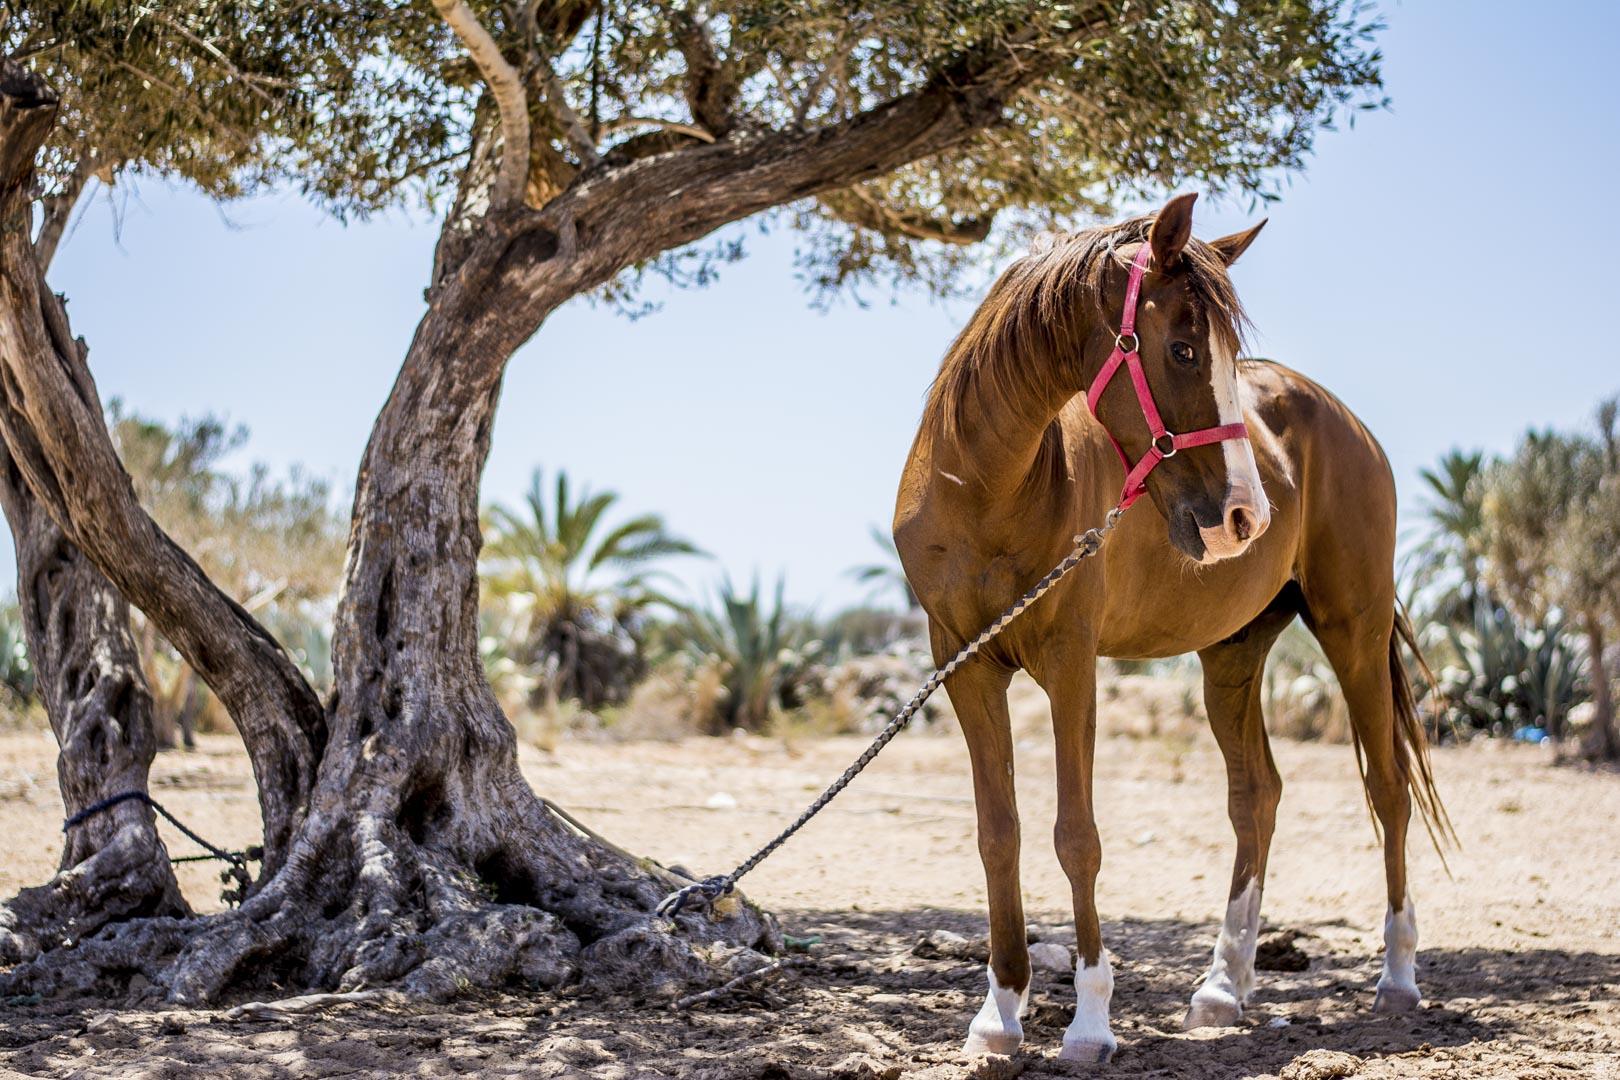 Fotografická expedice Djerba 2017 reportážní fotograf praha Jakub Morávek Djerba photography -66